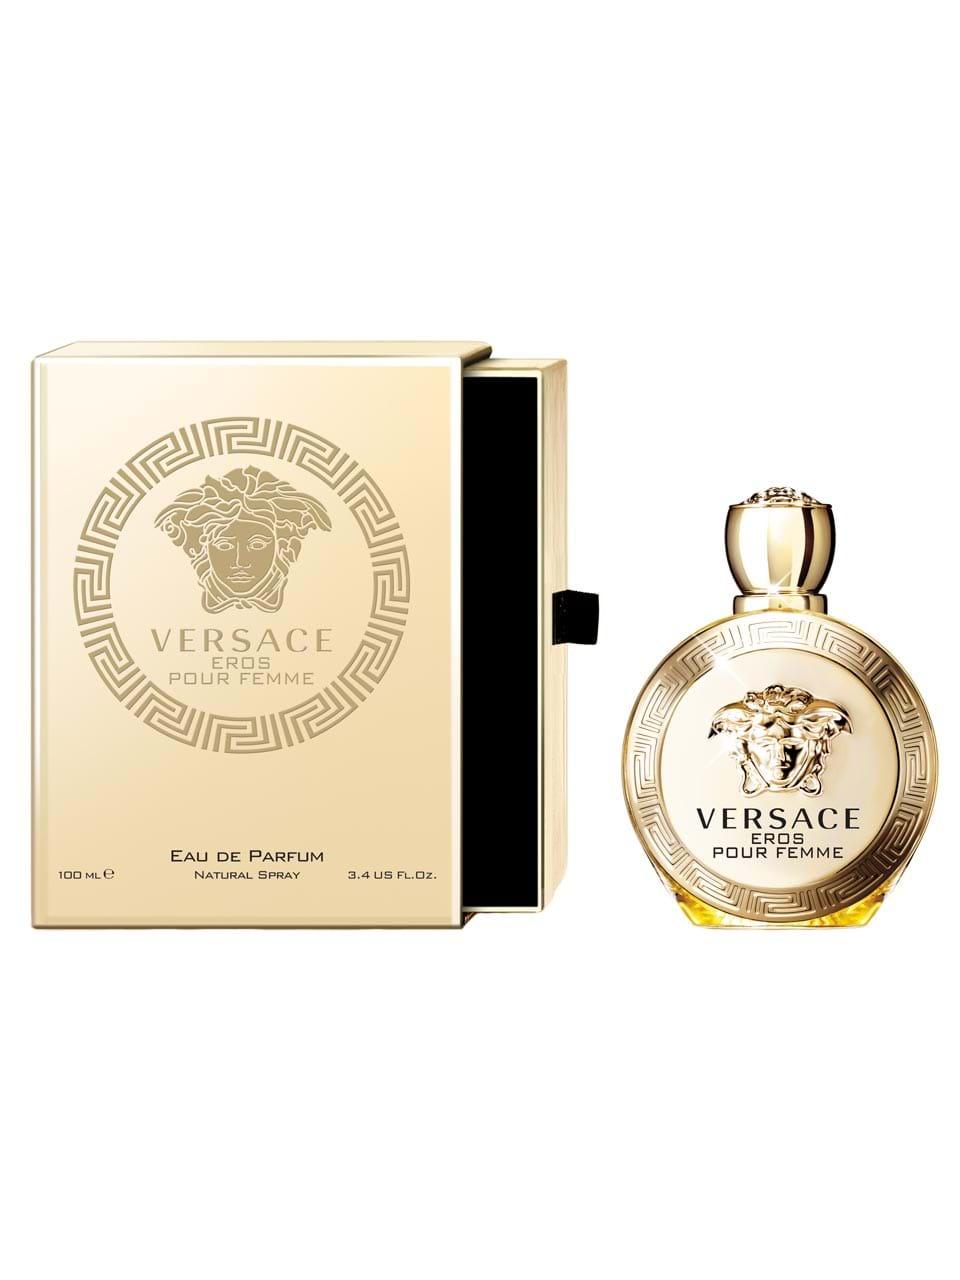 Versace Femme Eros Pour Parfum Ml De Eau 100 1cKTlFJ